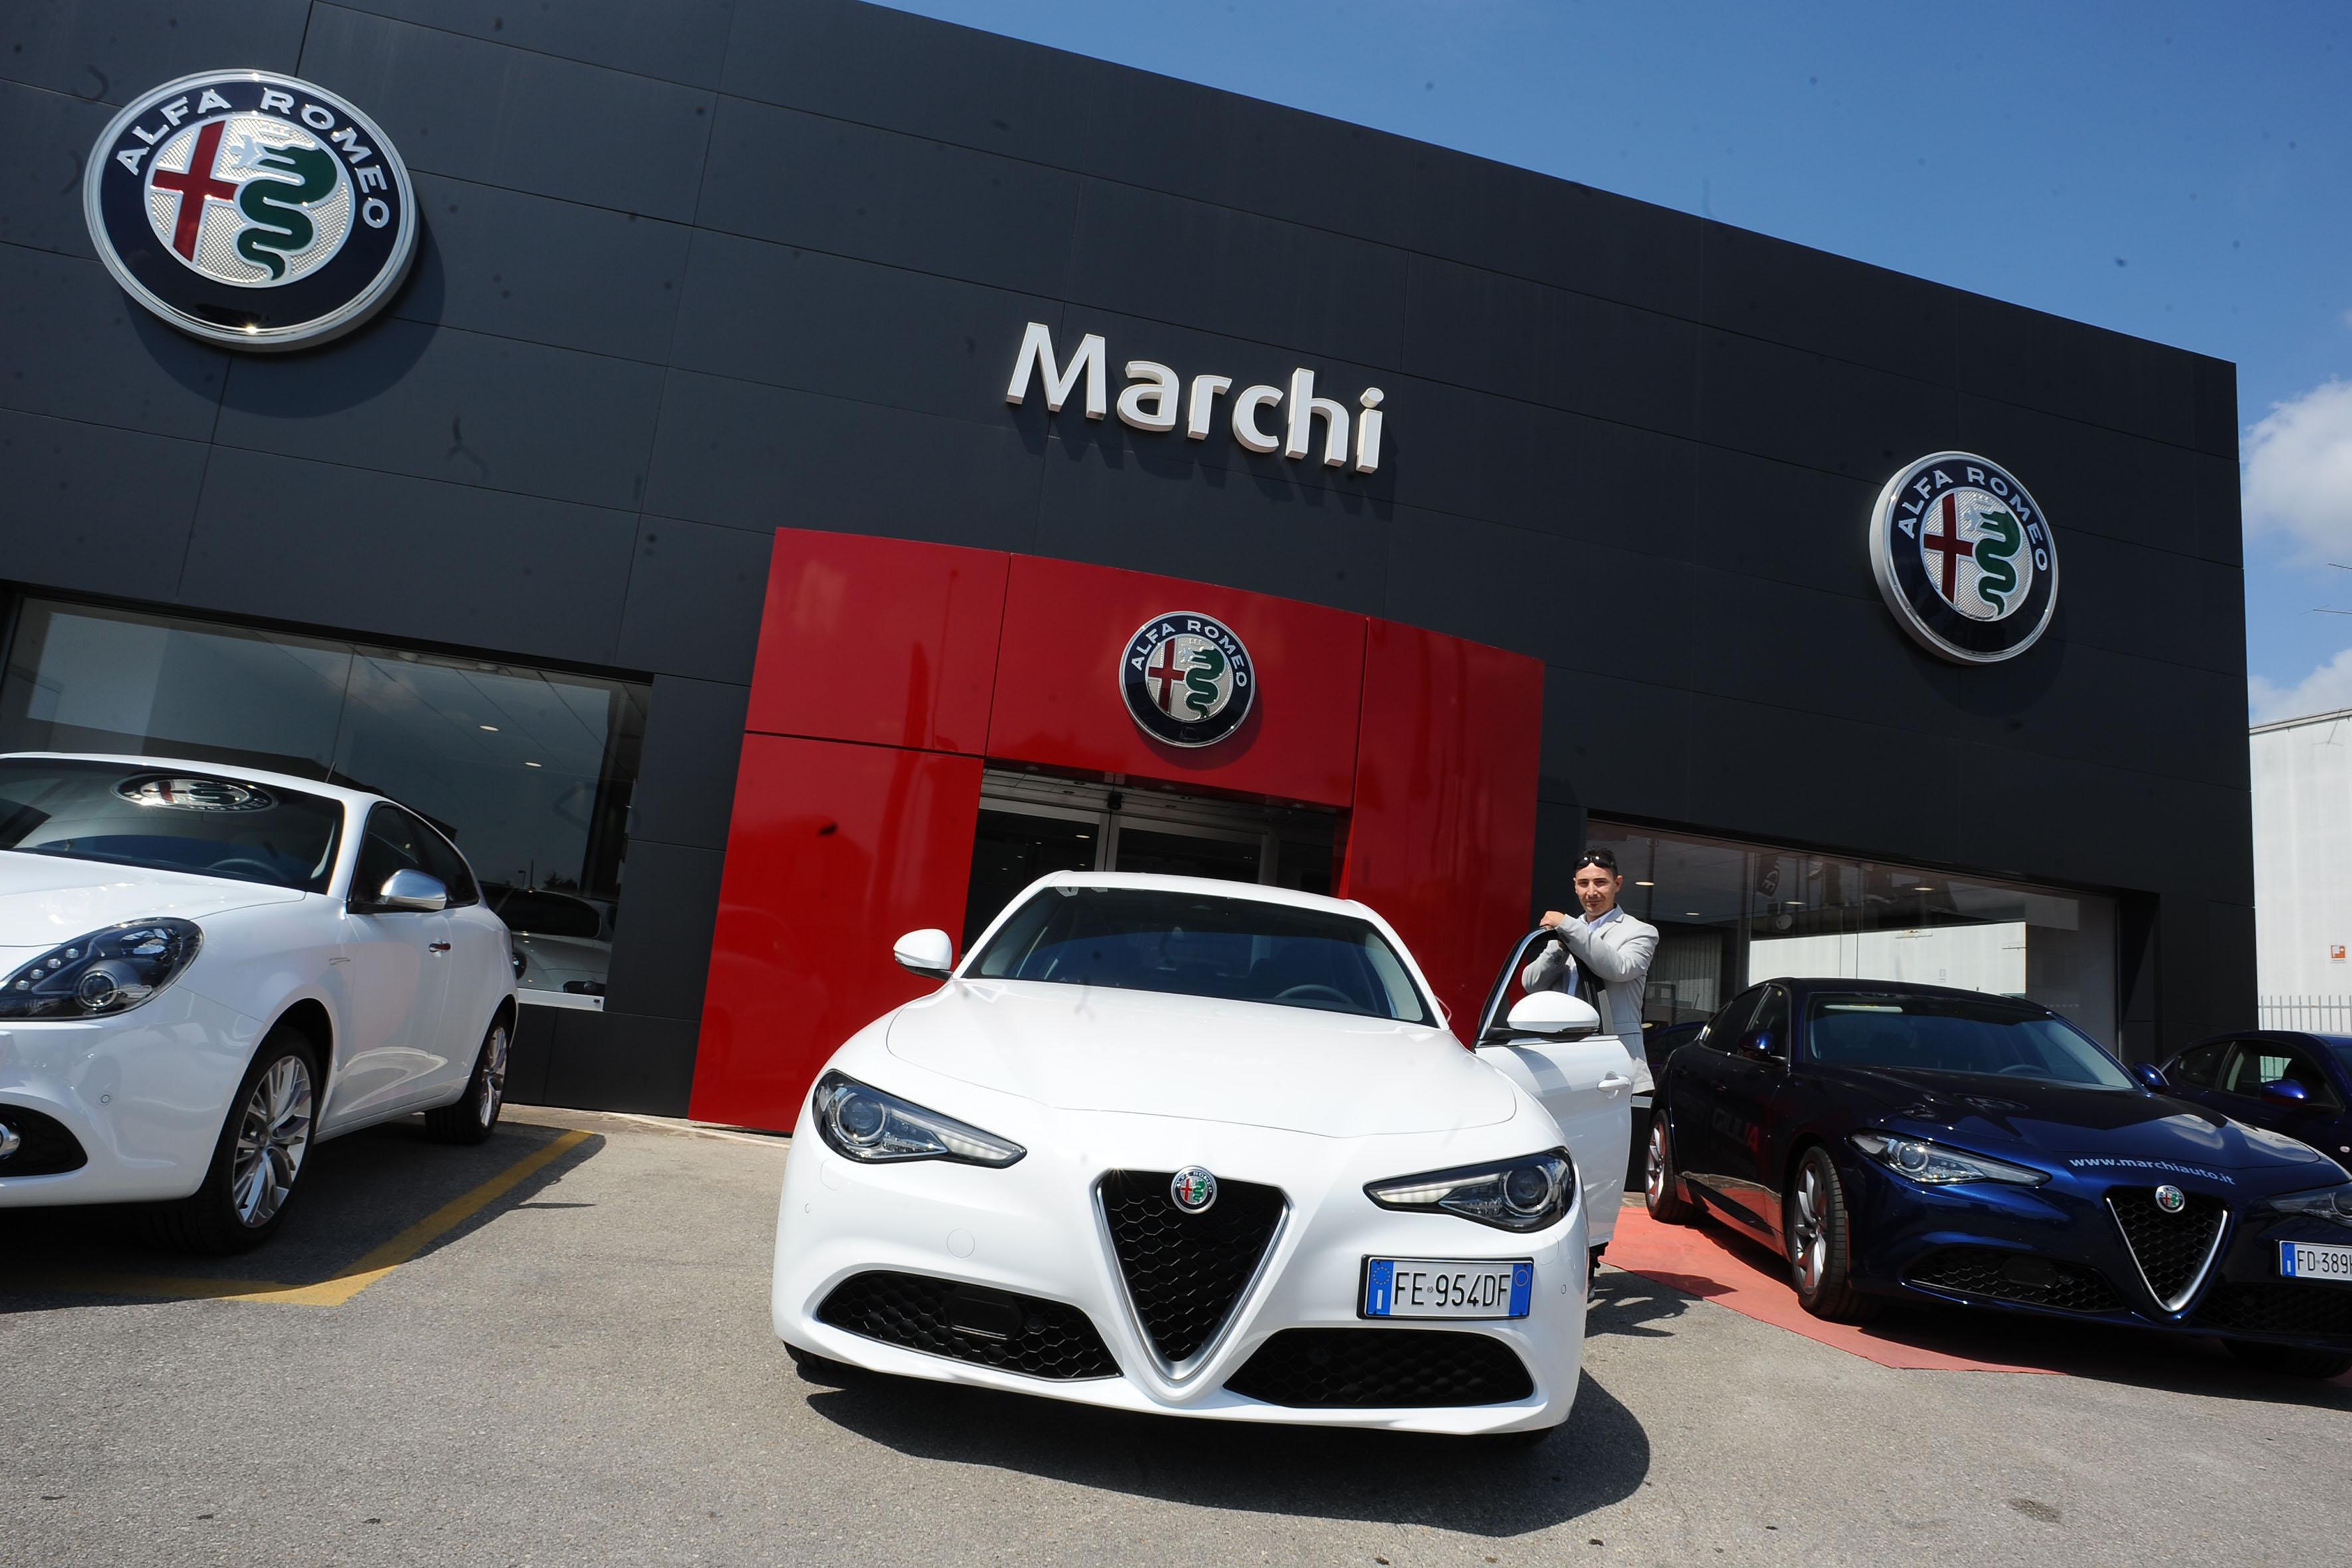 nuova alfa romeo giulia 2016: consegnate le prime sei auto